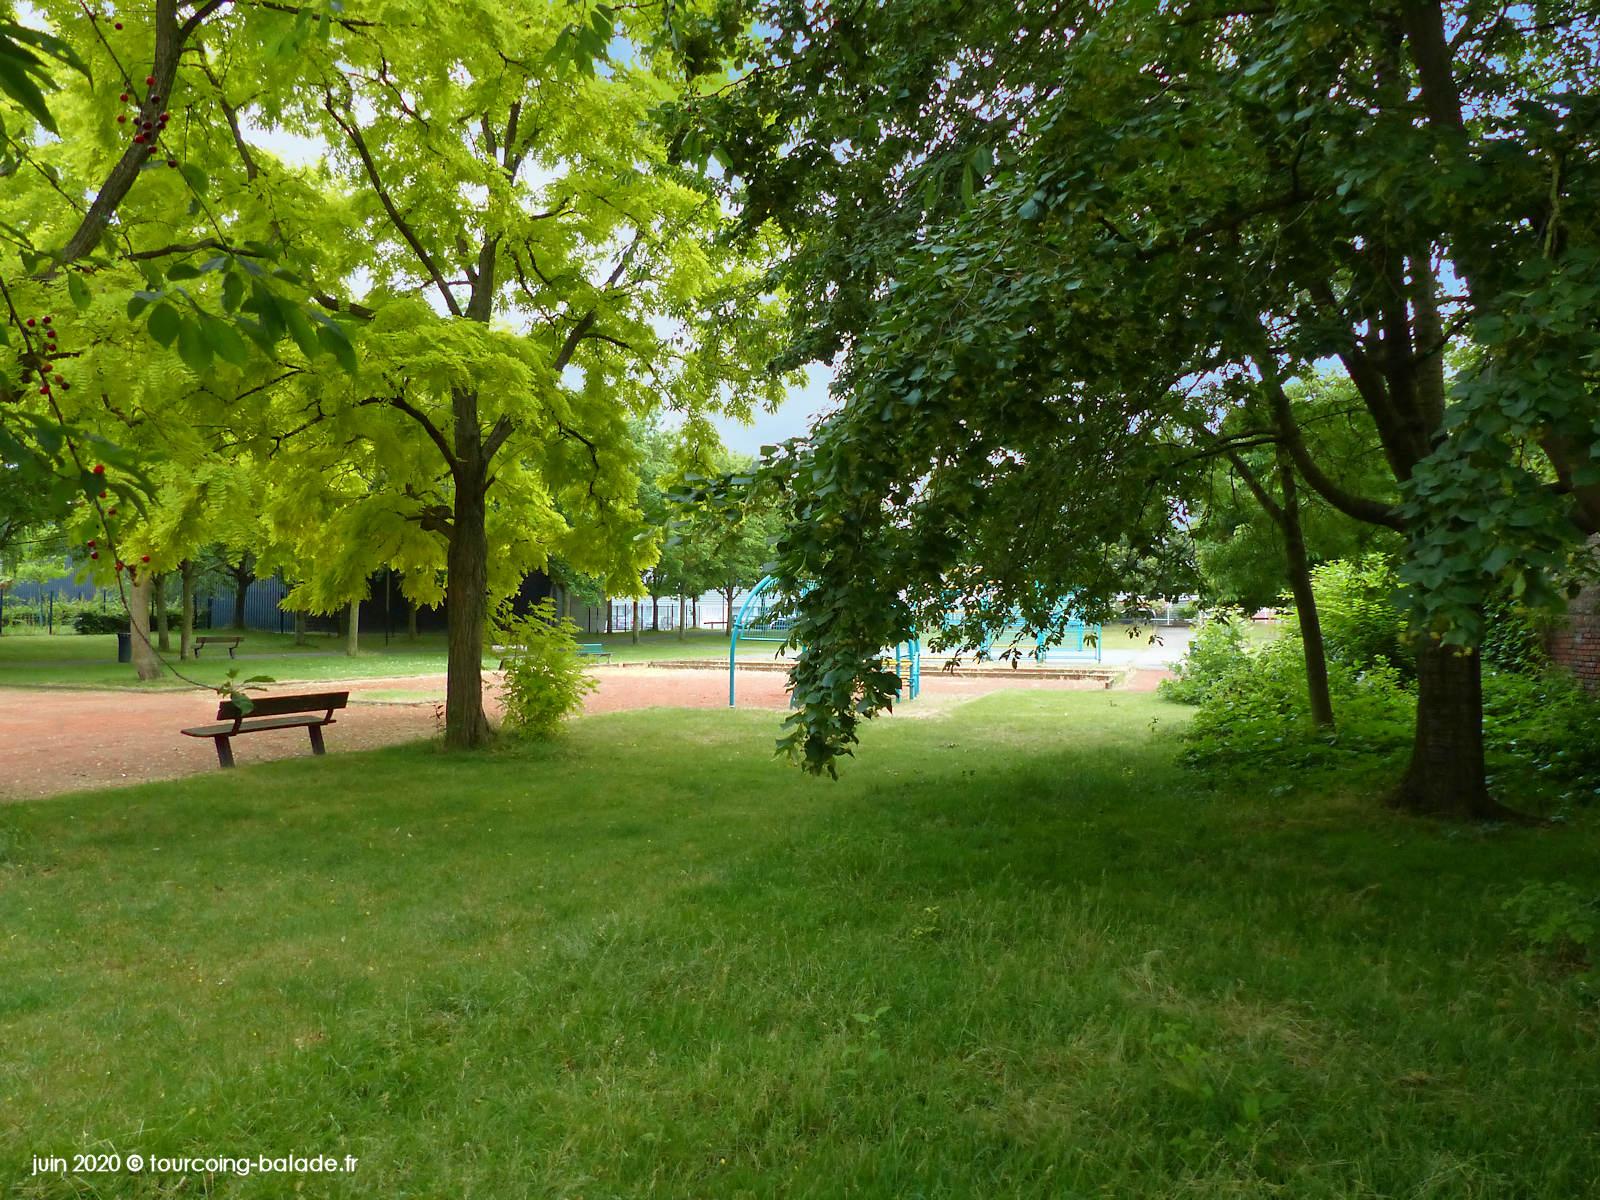 Jardin public des Abeilles, Tourcoing 2020